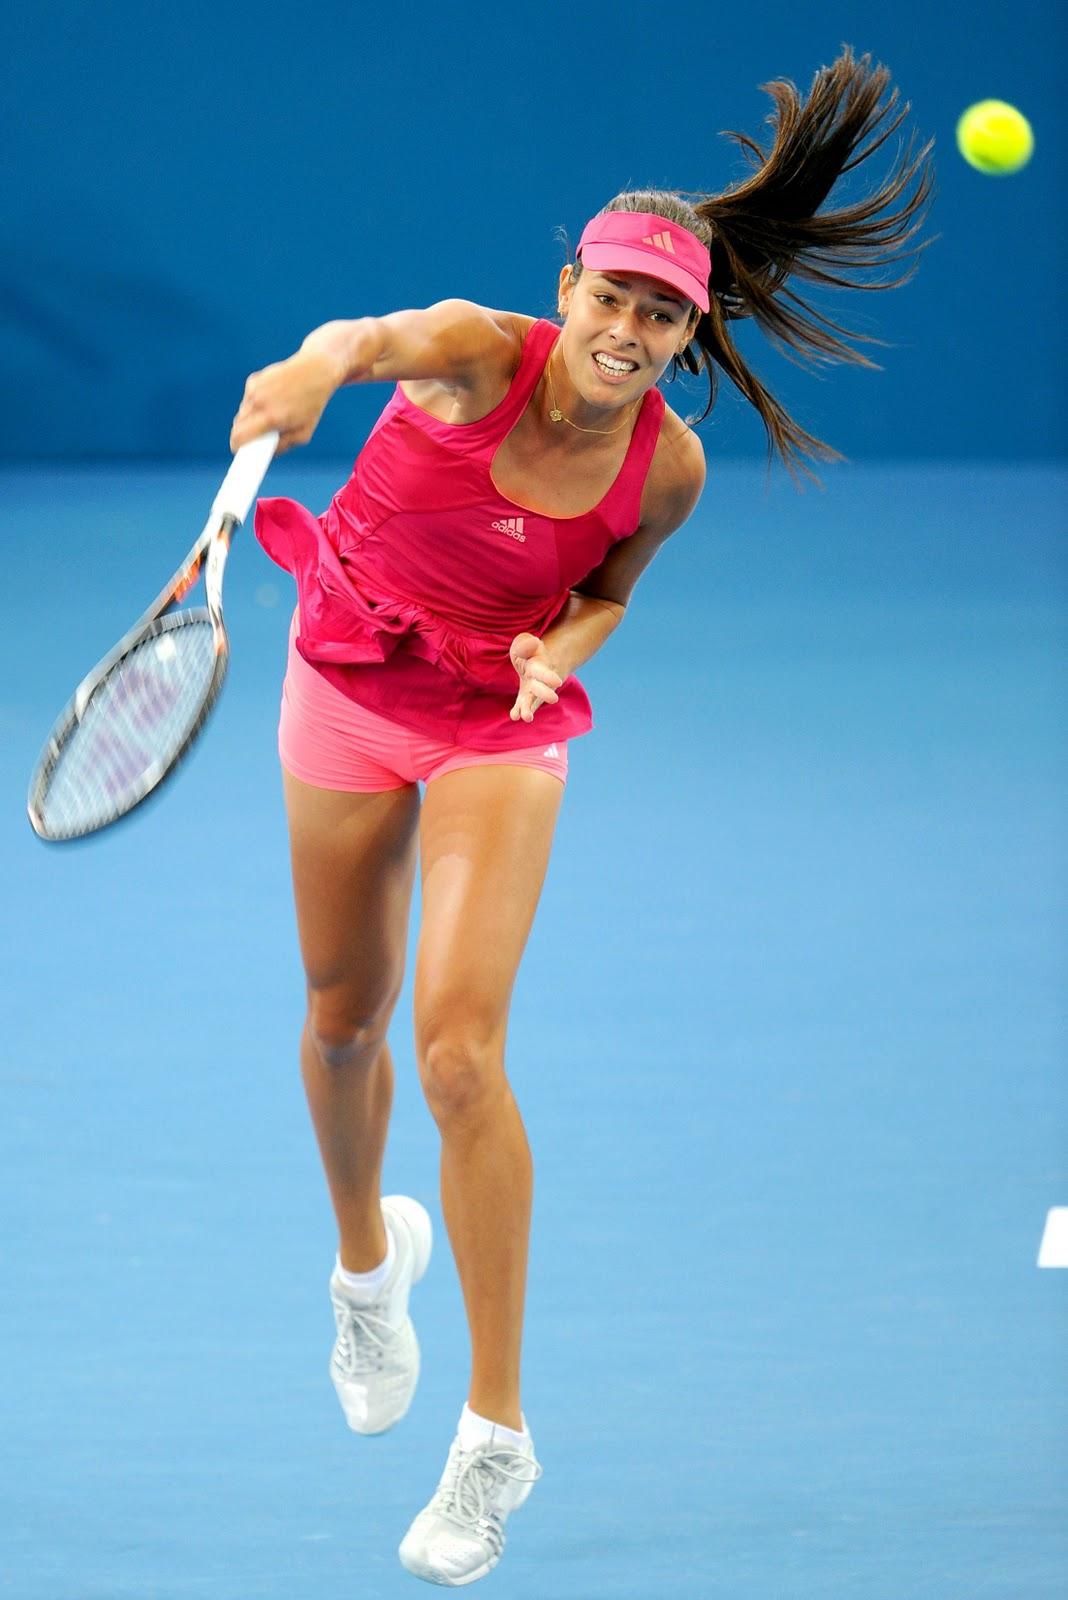 Wallpaper Tennis Girl Ana Ivanovic S Upskirt Shots In Brisbane International